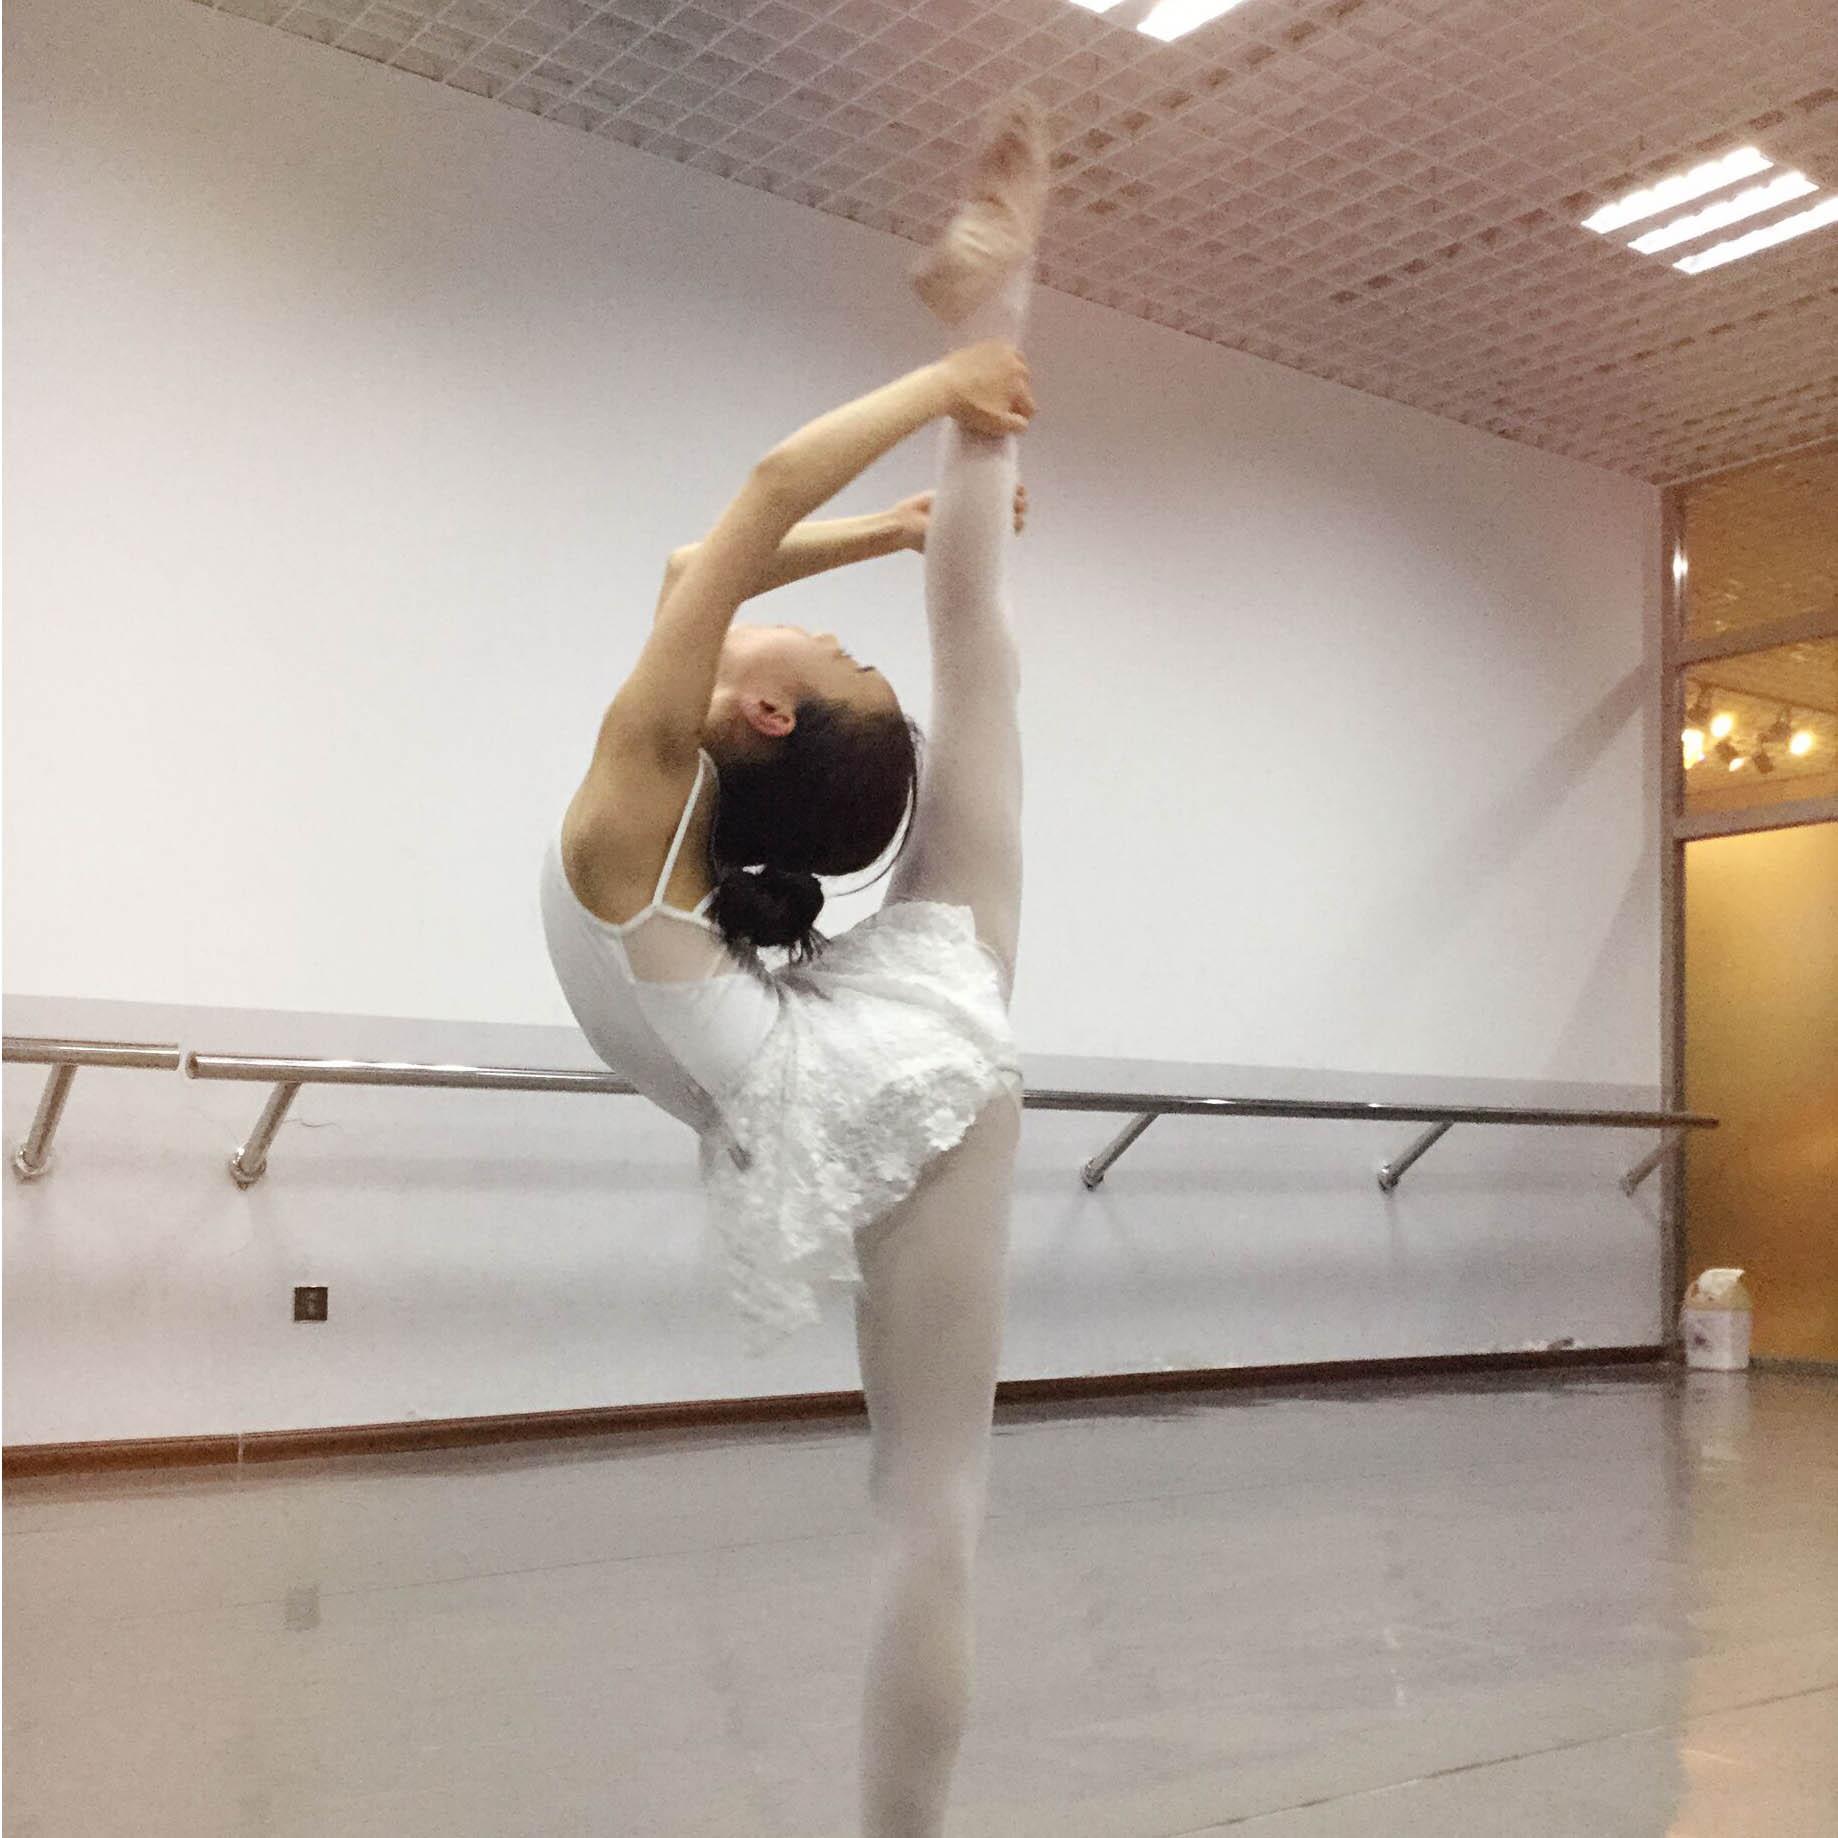 舞蹈之间培训石家庄形体芭蕾训练朋友六少儿思品年级误区的教学设计图片